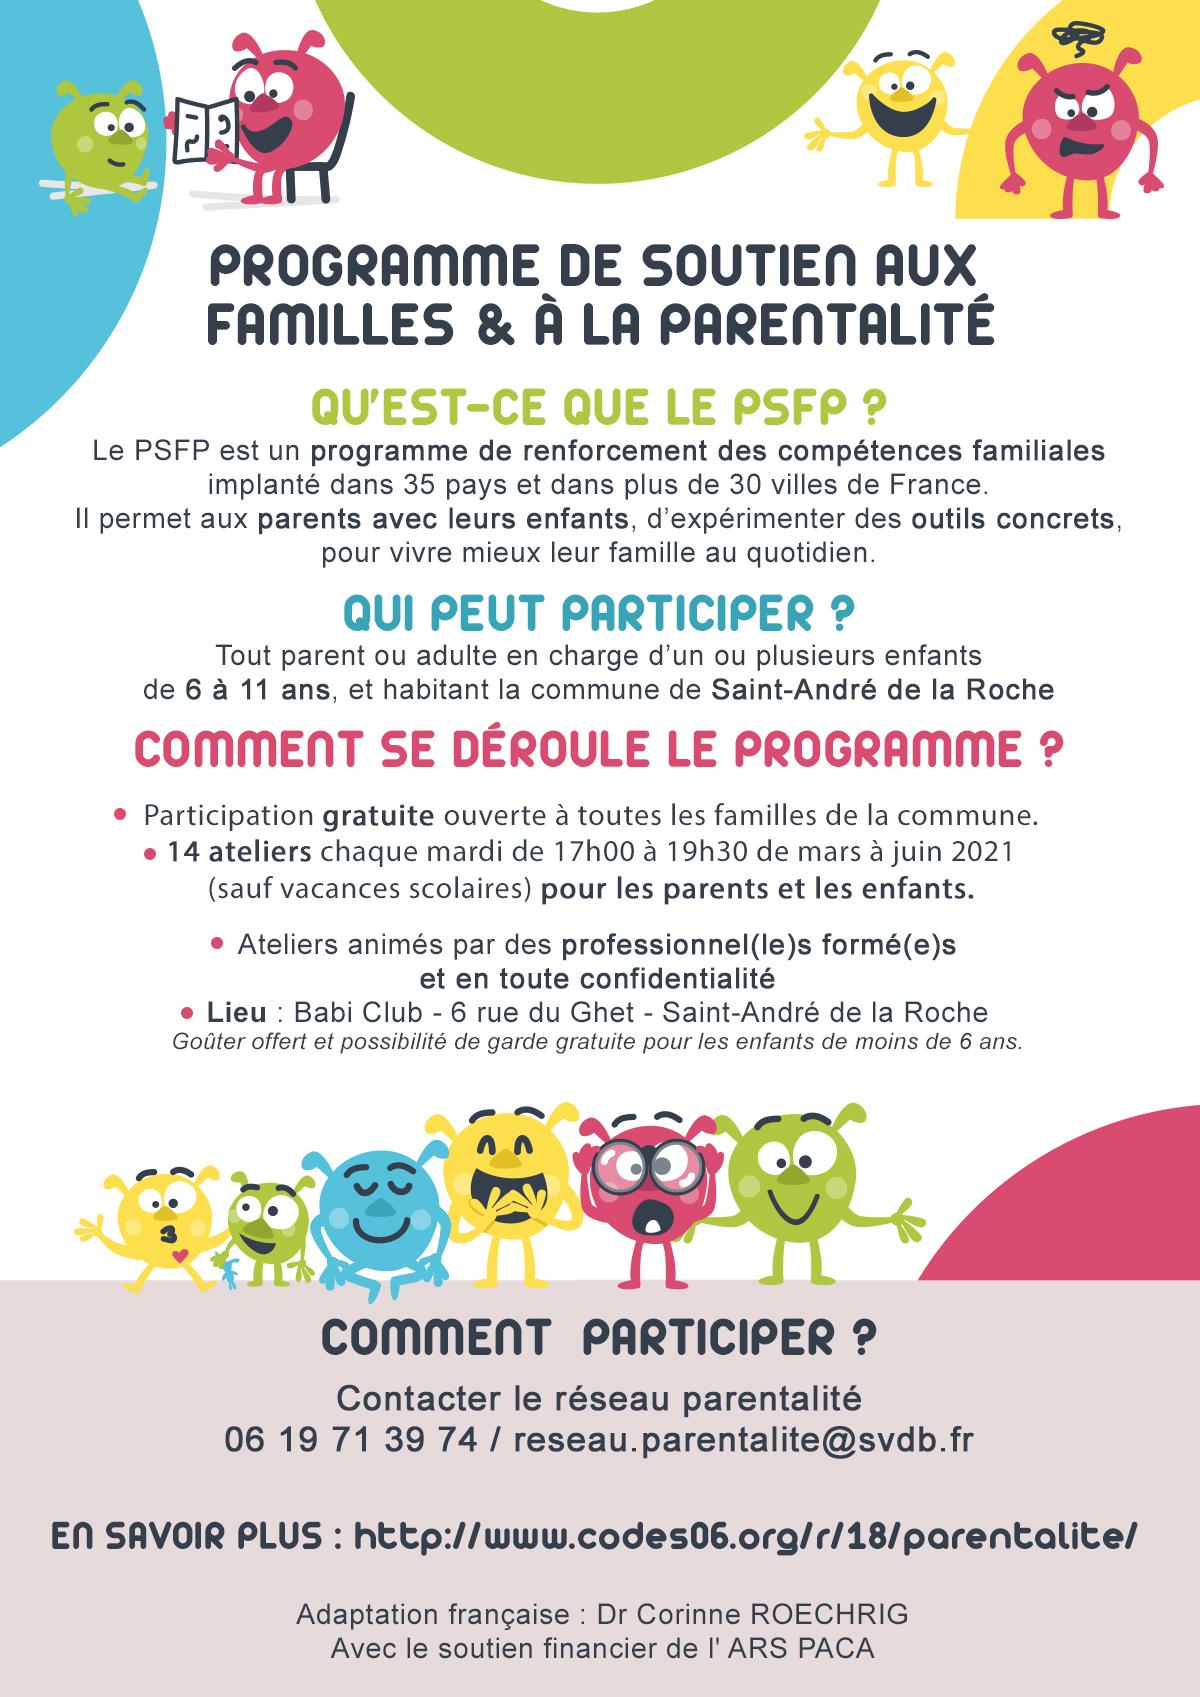 Réunion d'informations - Programme de soutien aux familles et à la parentalité